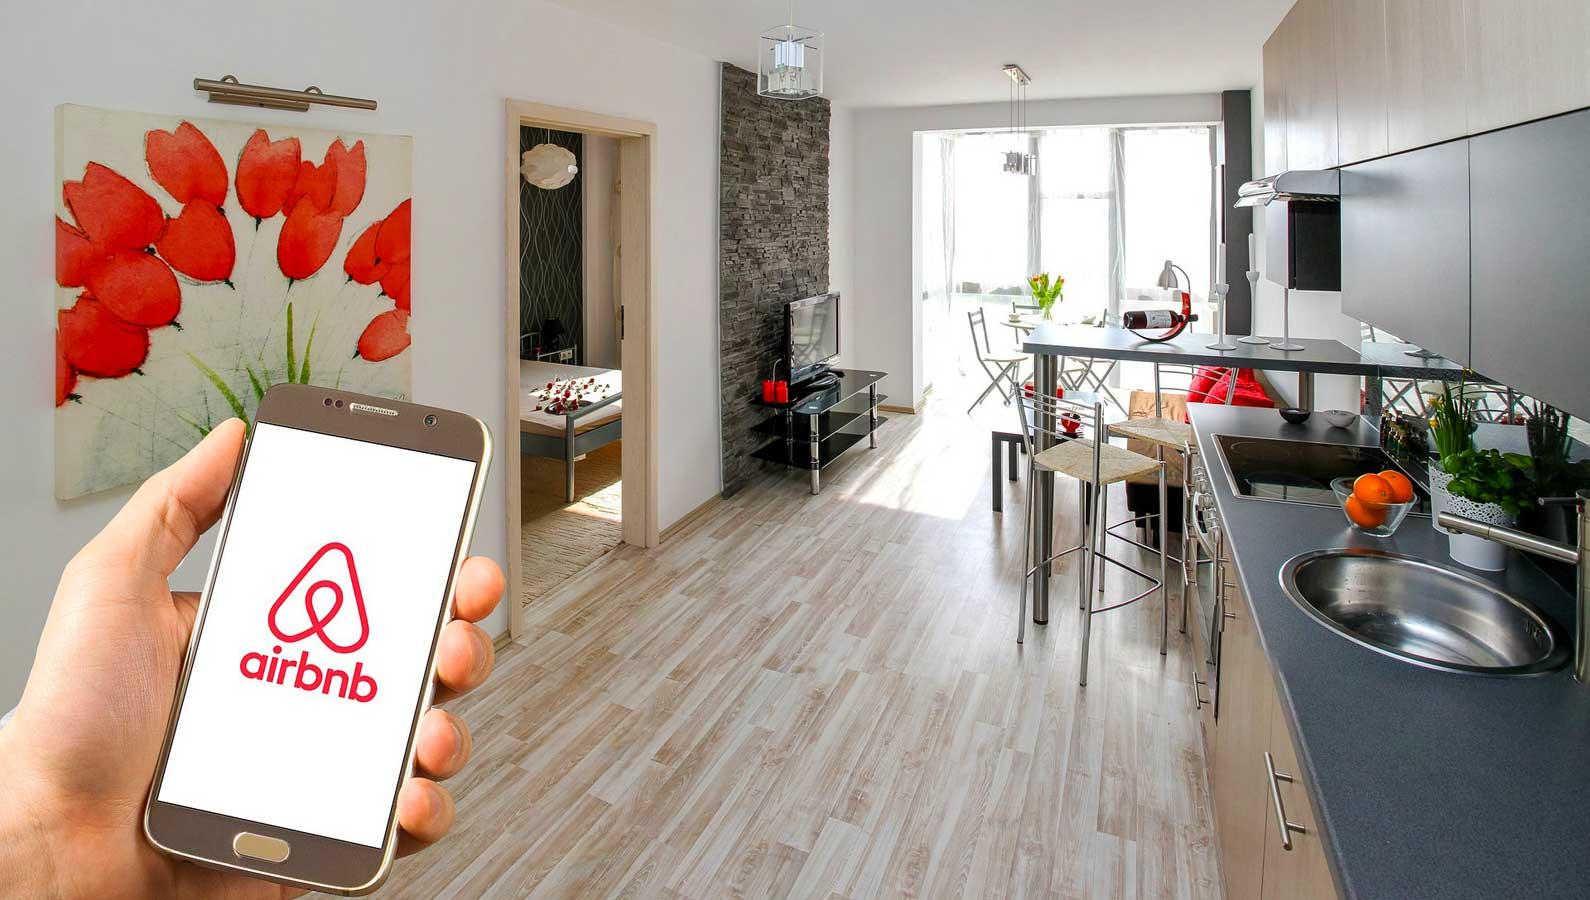 Review tren Airbnb hoat dong the nao3 - Review Trên AirBnB Hoạt Động Thế Nào ?